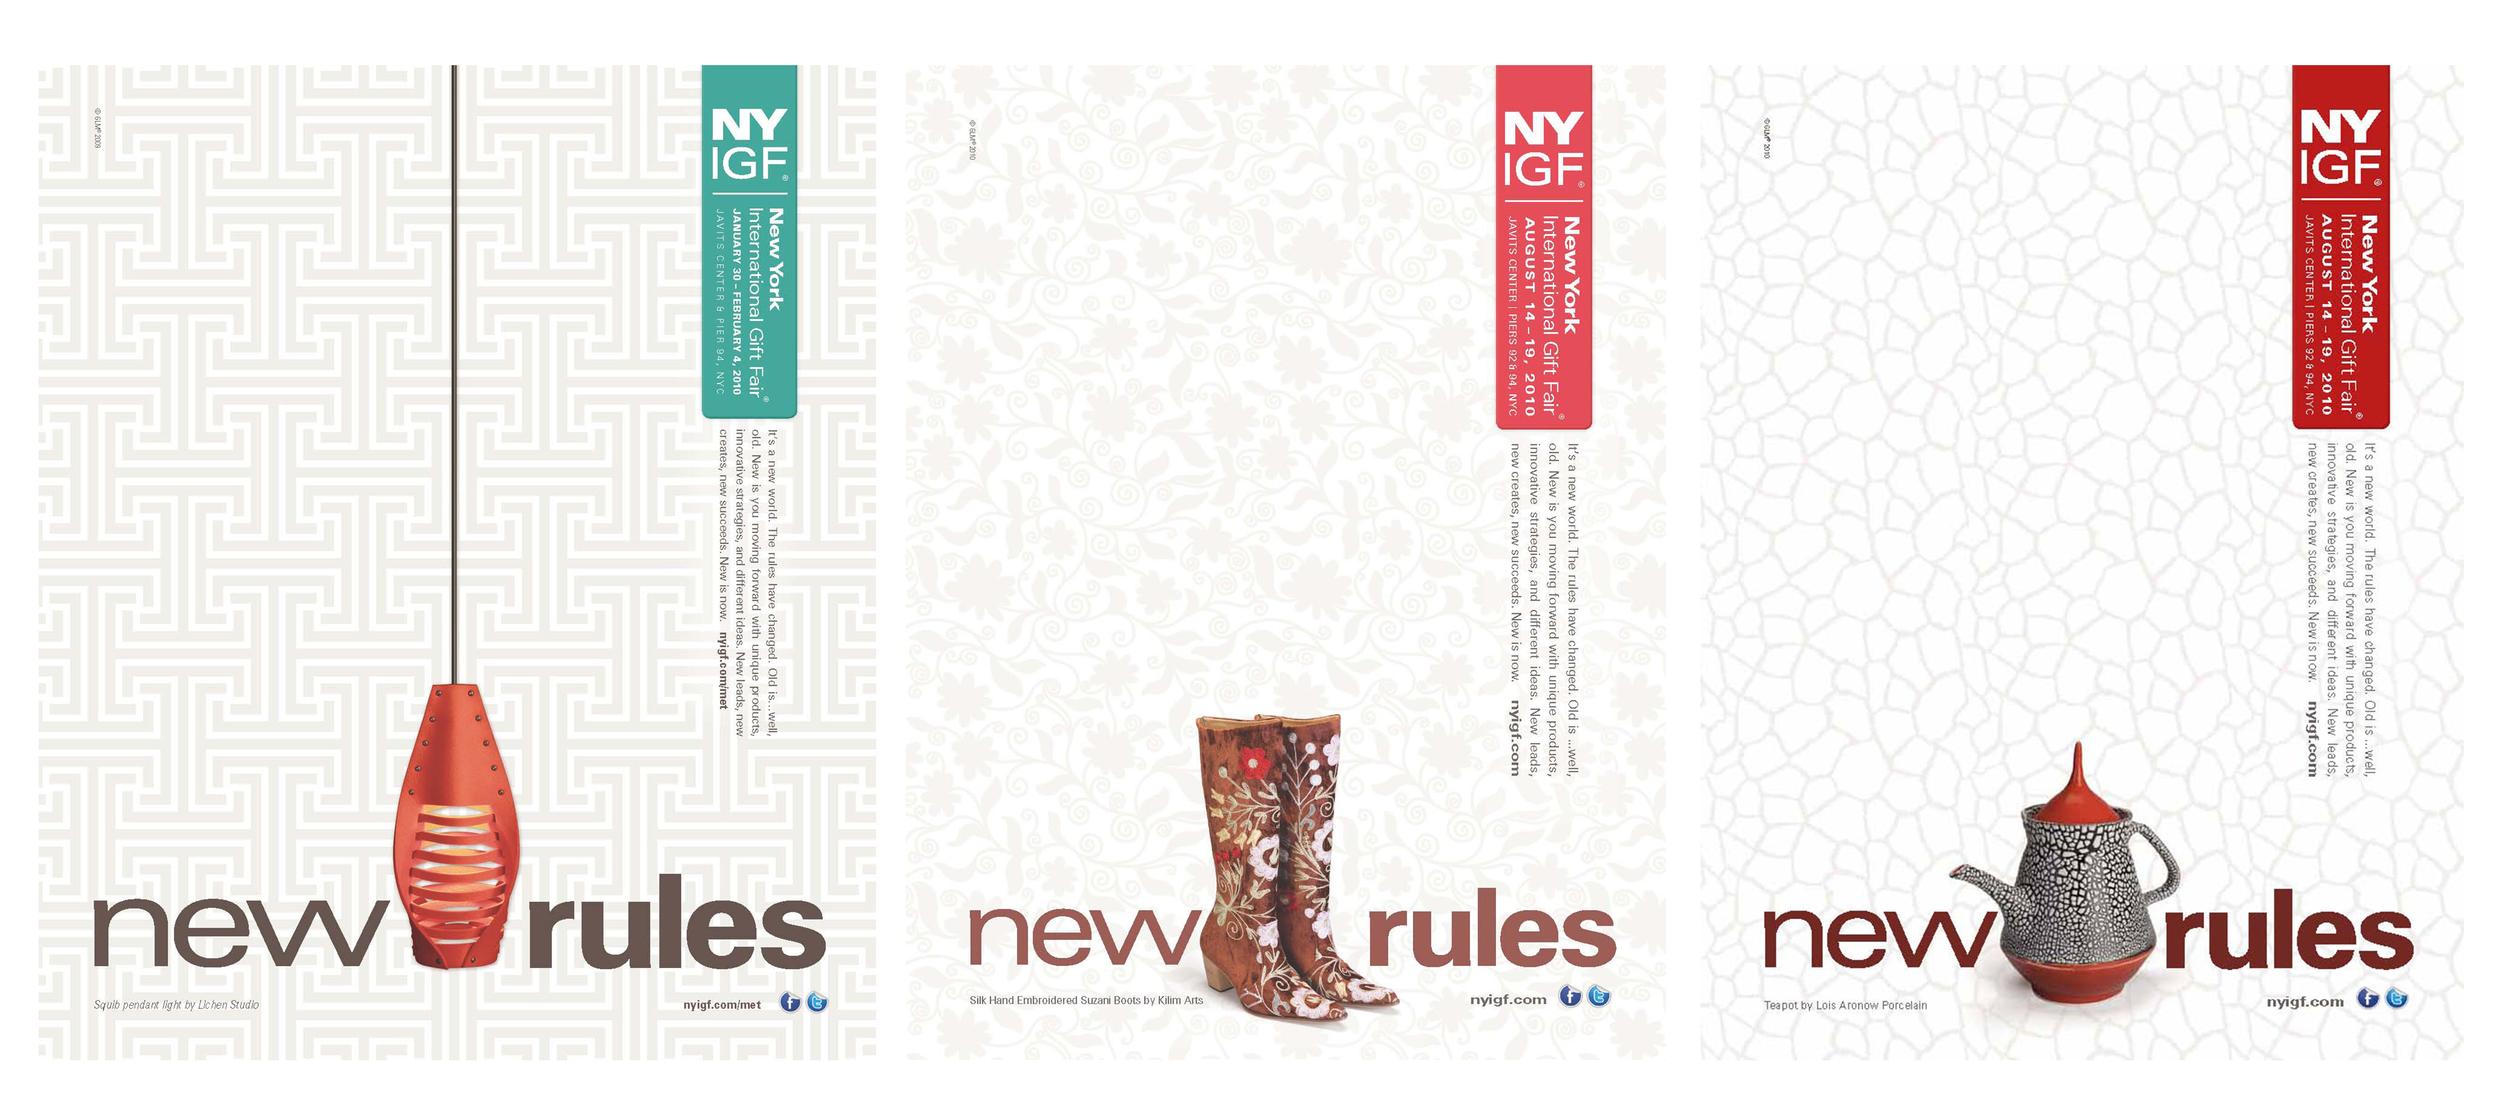 NYIGF.Catalog.3.jpg